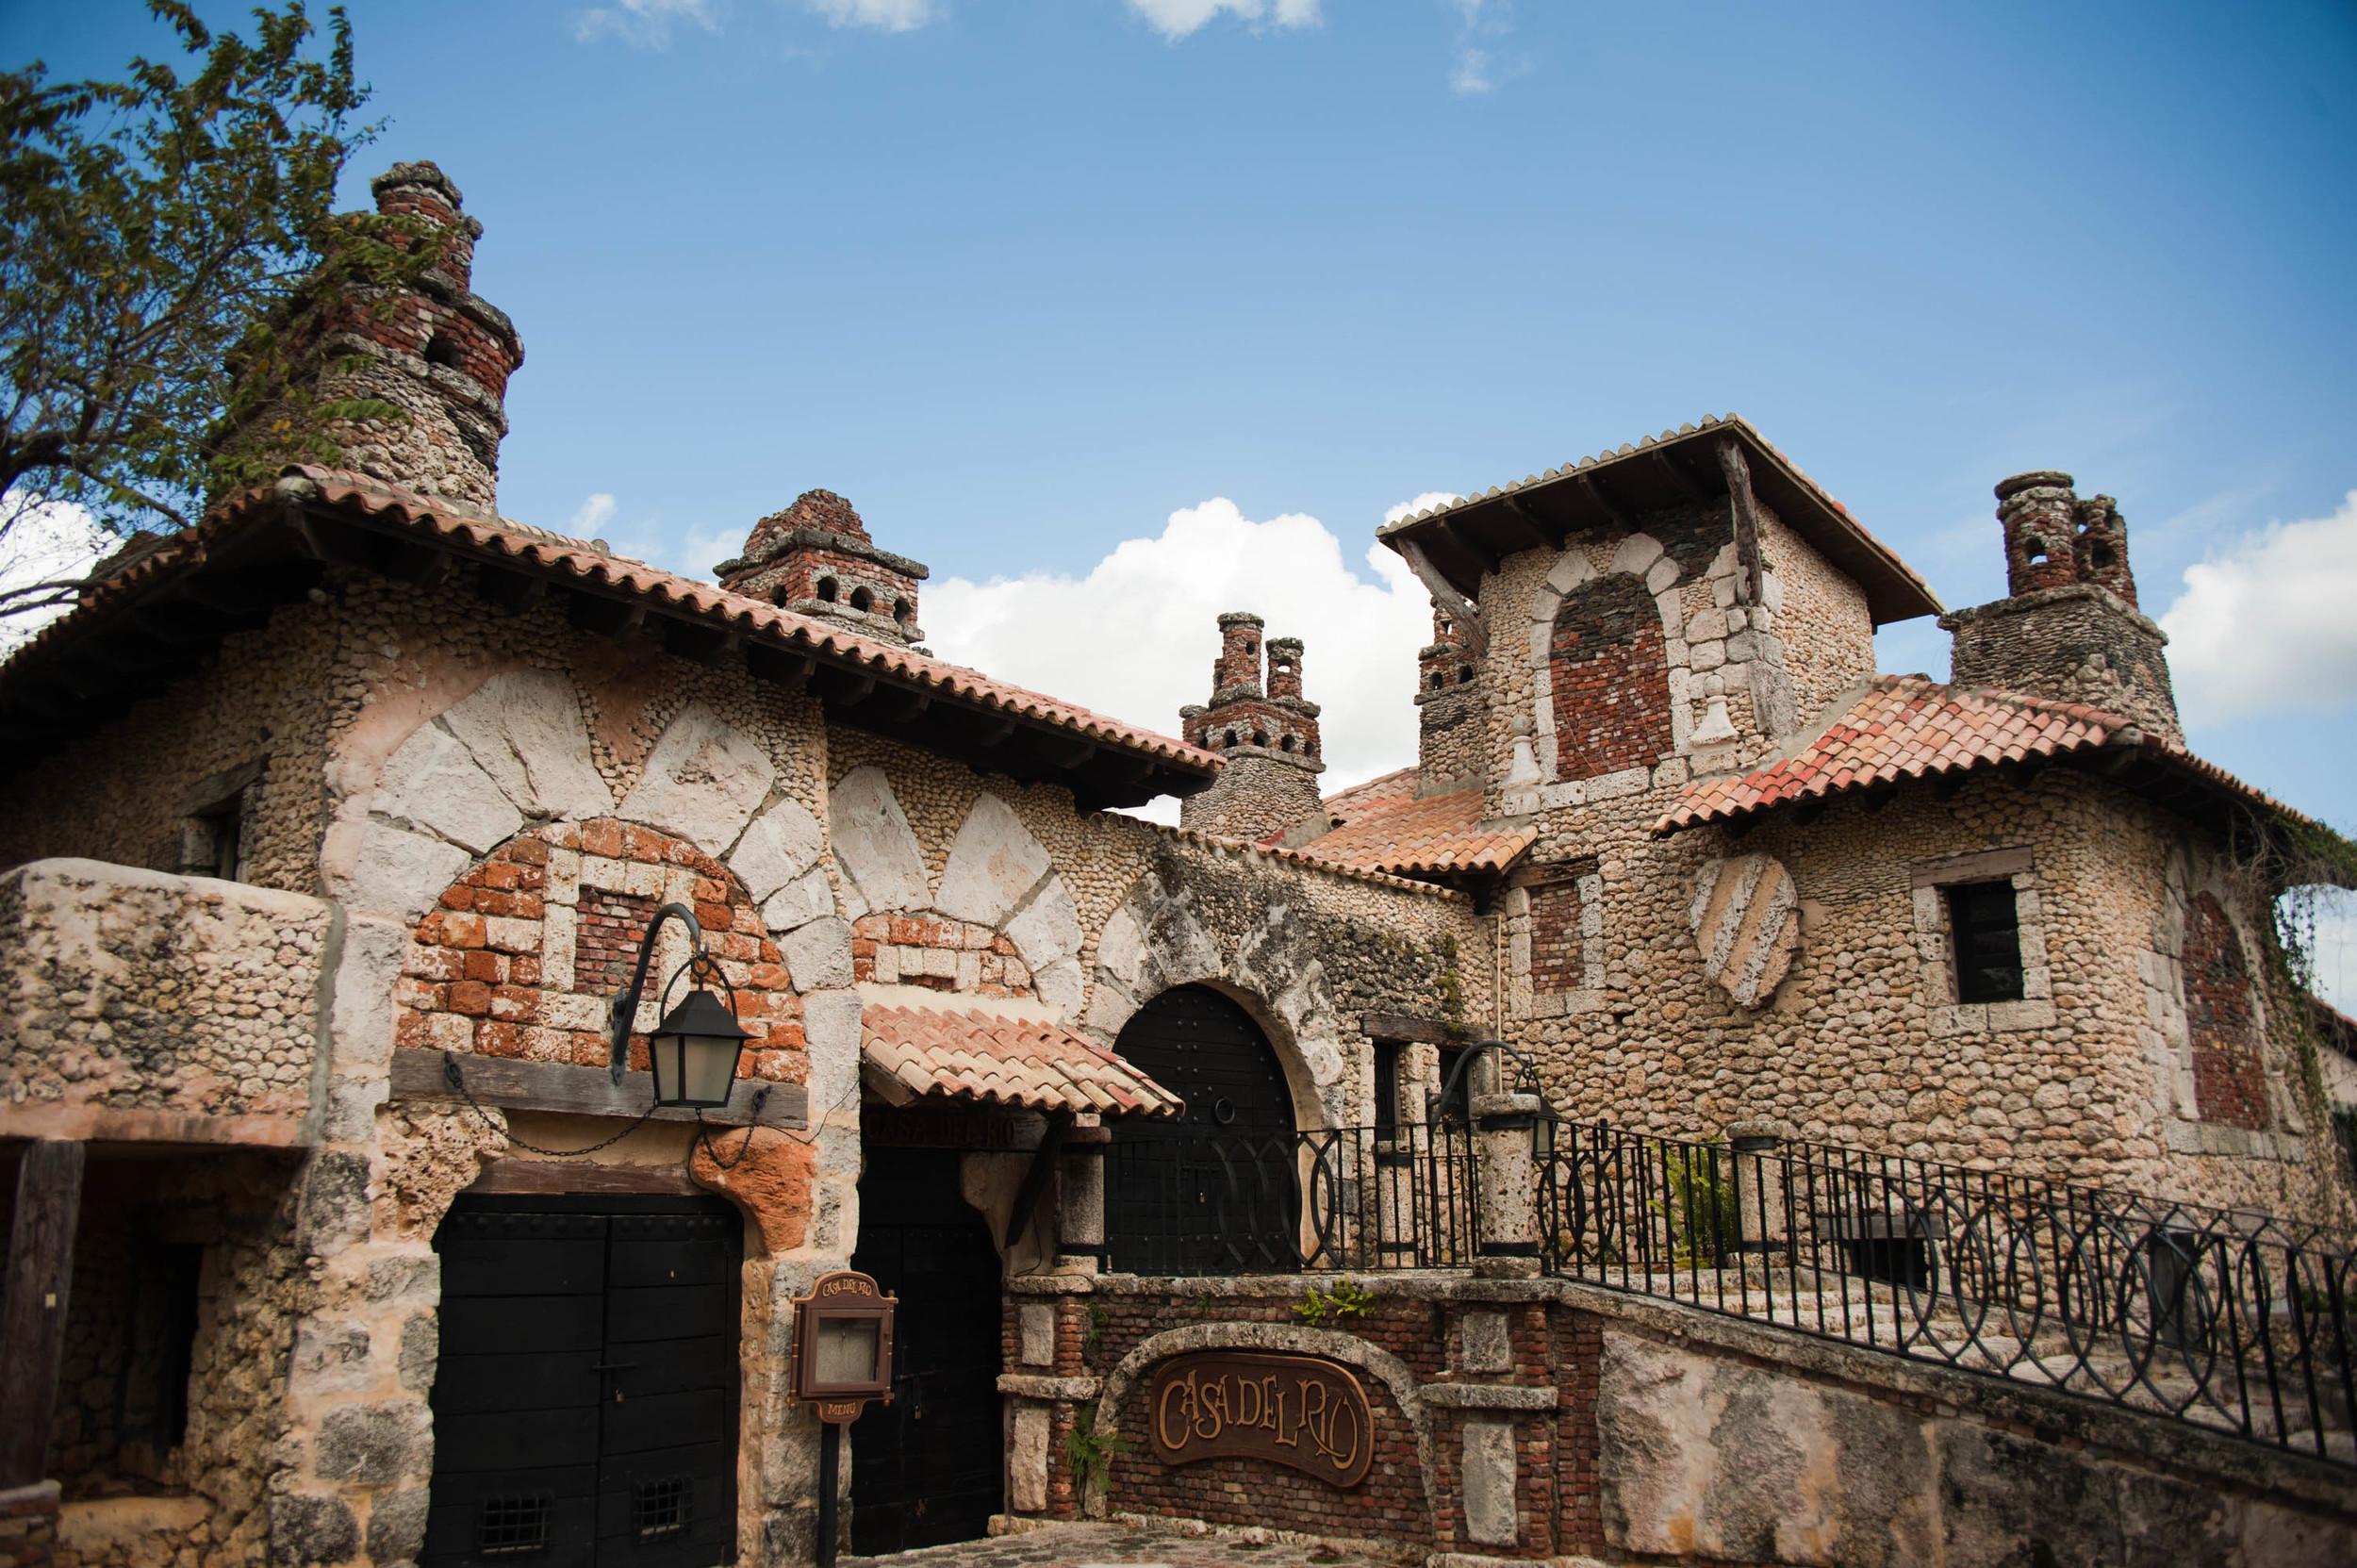 Medieval_style_buildings_in_Altos_de_Chavón._Casa_de_Campo,_La_Romana,_Dominican_Republic_(1).jpg